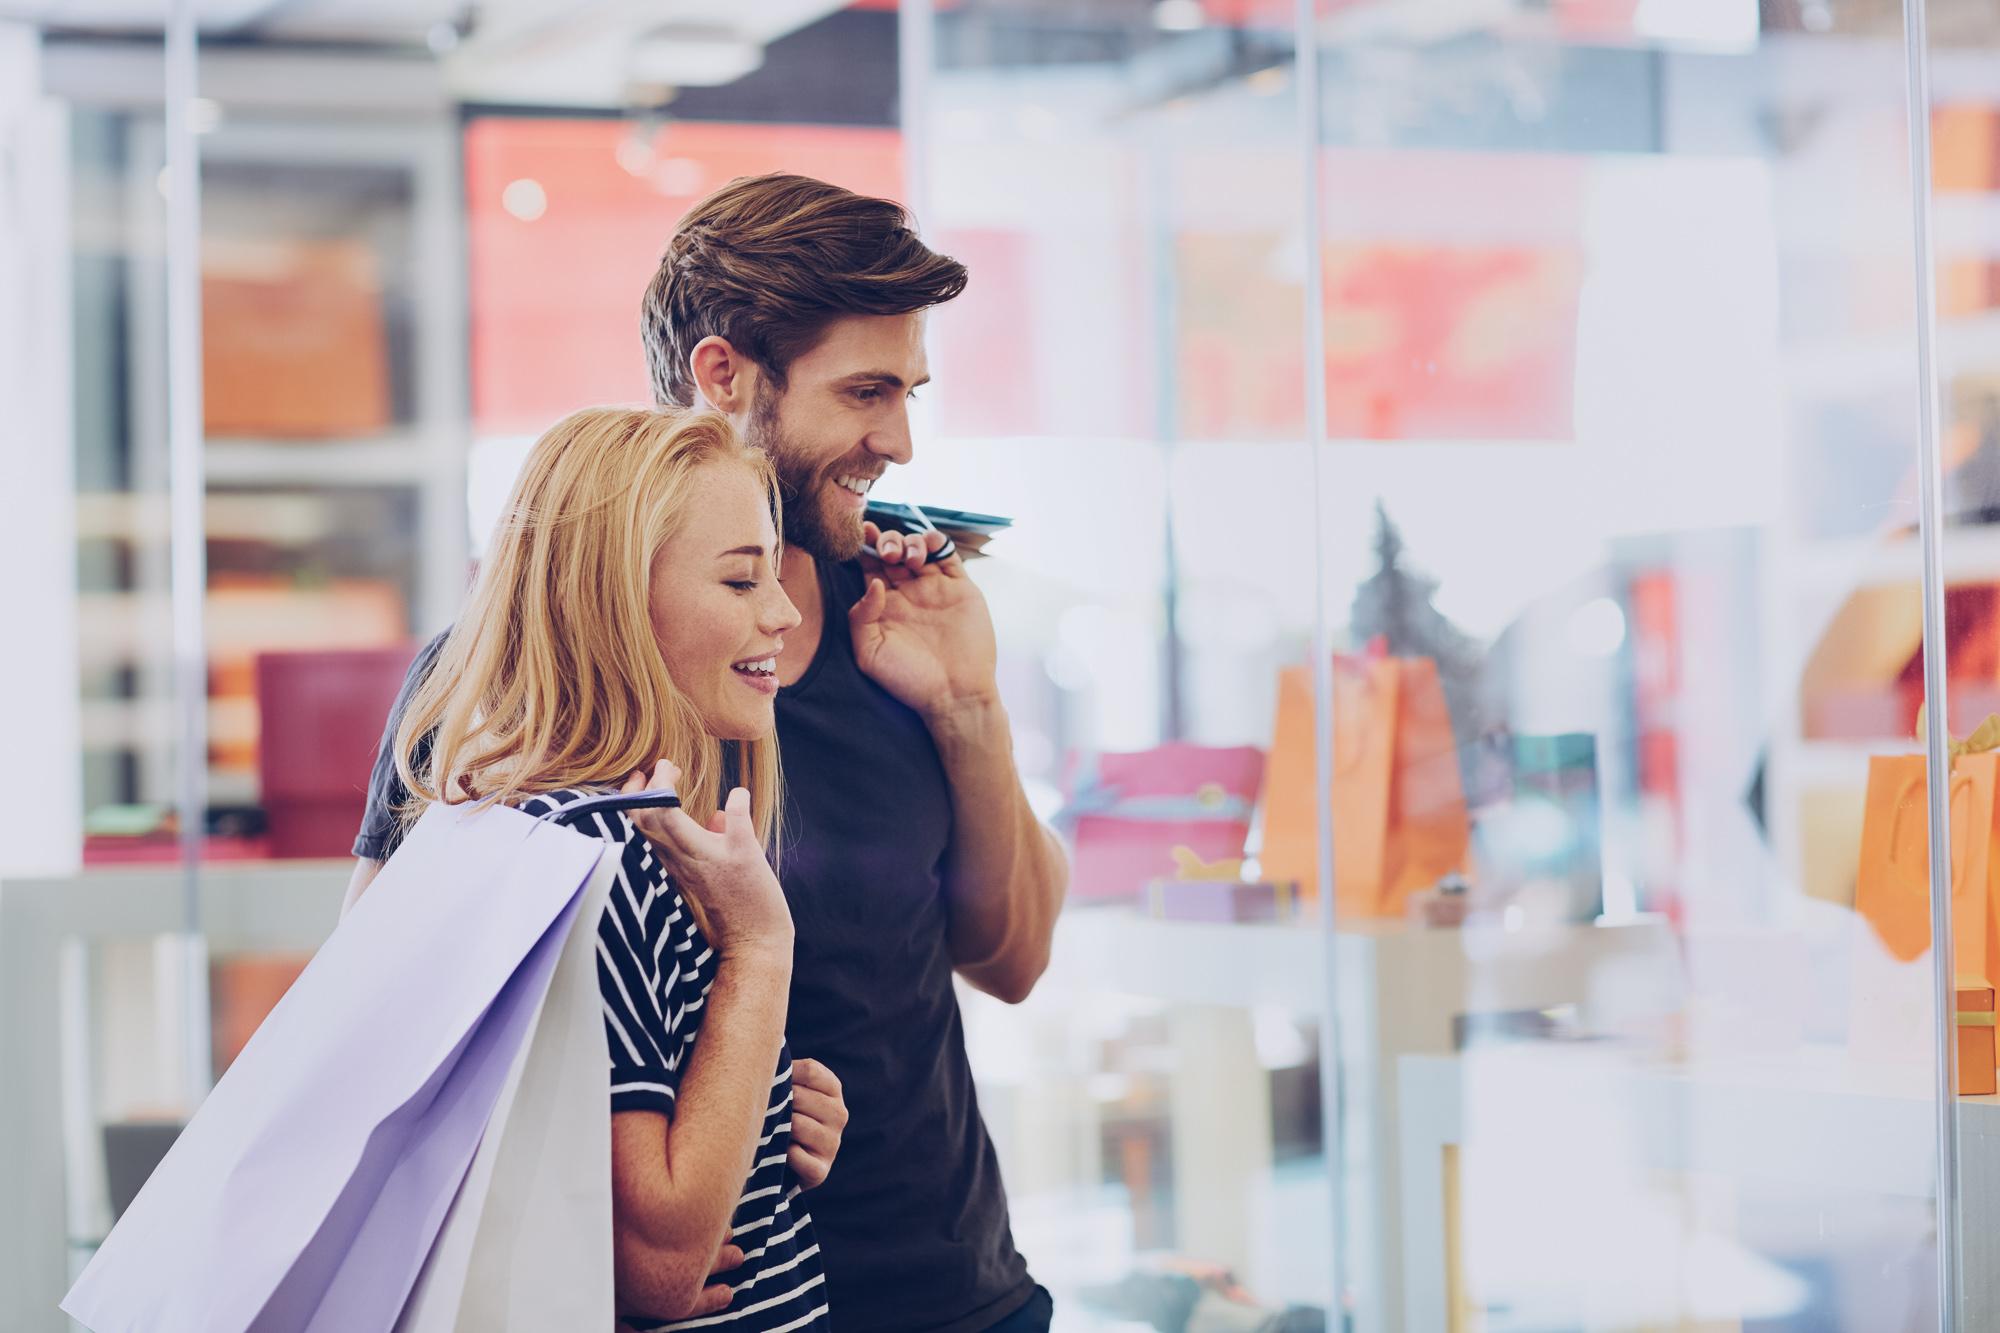 Ir de compras durante las rebajas es muy divertido. Las personas generalmente tienen un presupuesto en mente cuando van de compras. Es una sensación genial cuando terminas comprando mucho más de lo que esperabas. Sin embargo, los descuentos no tienen que ser algo que encuentras cuando menos te lo esperas, sino que puedes planear cuándo y cómo encontrarlos. Las tiendas de ropa tienen como objetivo mantener un stock completo, para que las personas tengan más opciones. Sin embargo, con frecuencia tienen que re